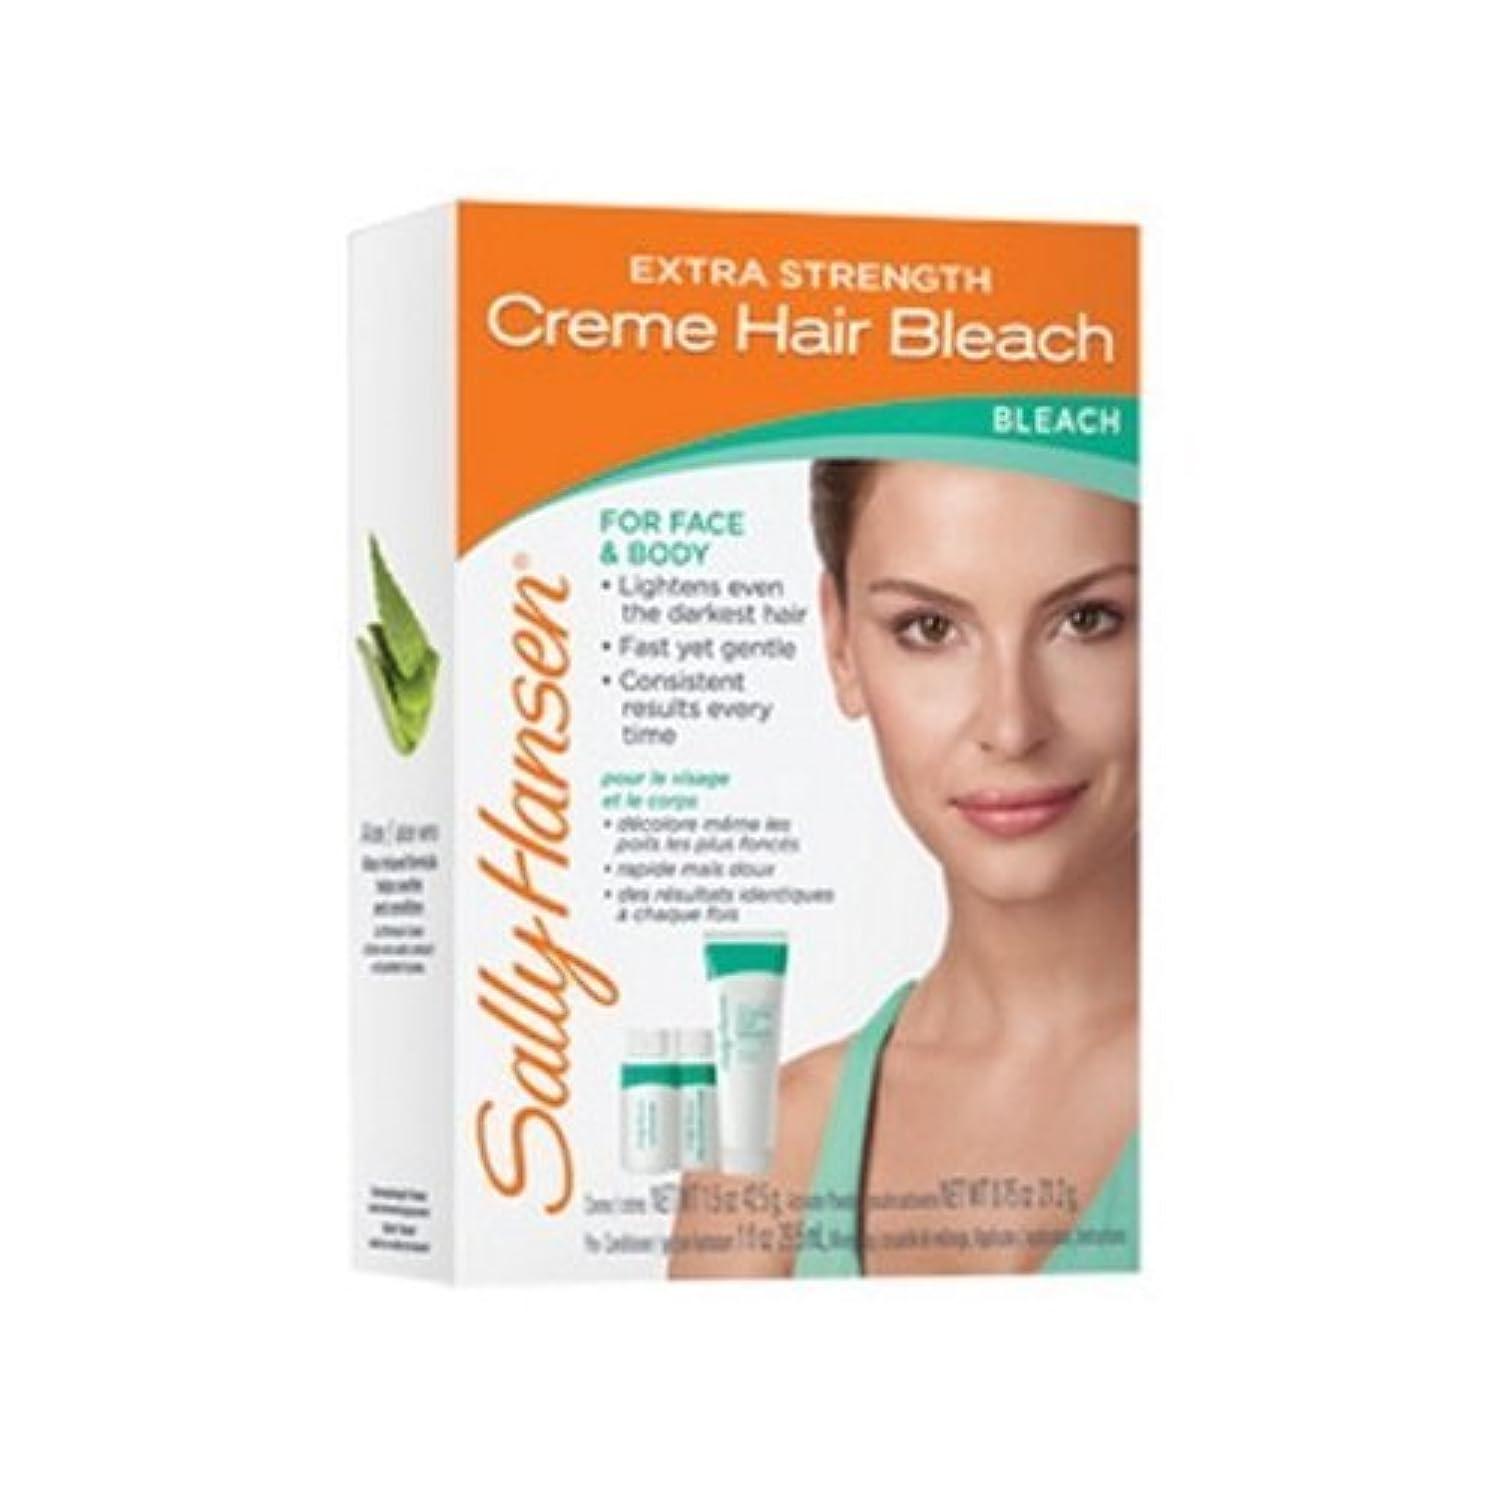 従順摩擦和解する(3 Pack) SALLY HANSEN Extra Strength Creme Hair Bleach for Face & Body - SH2010 (並行輸入品)